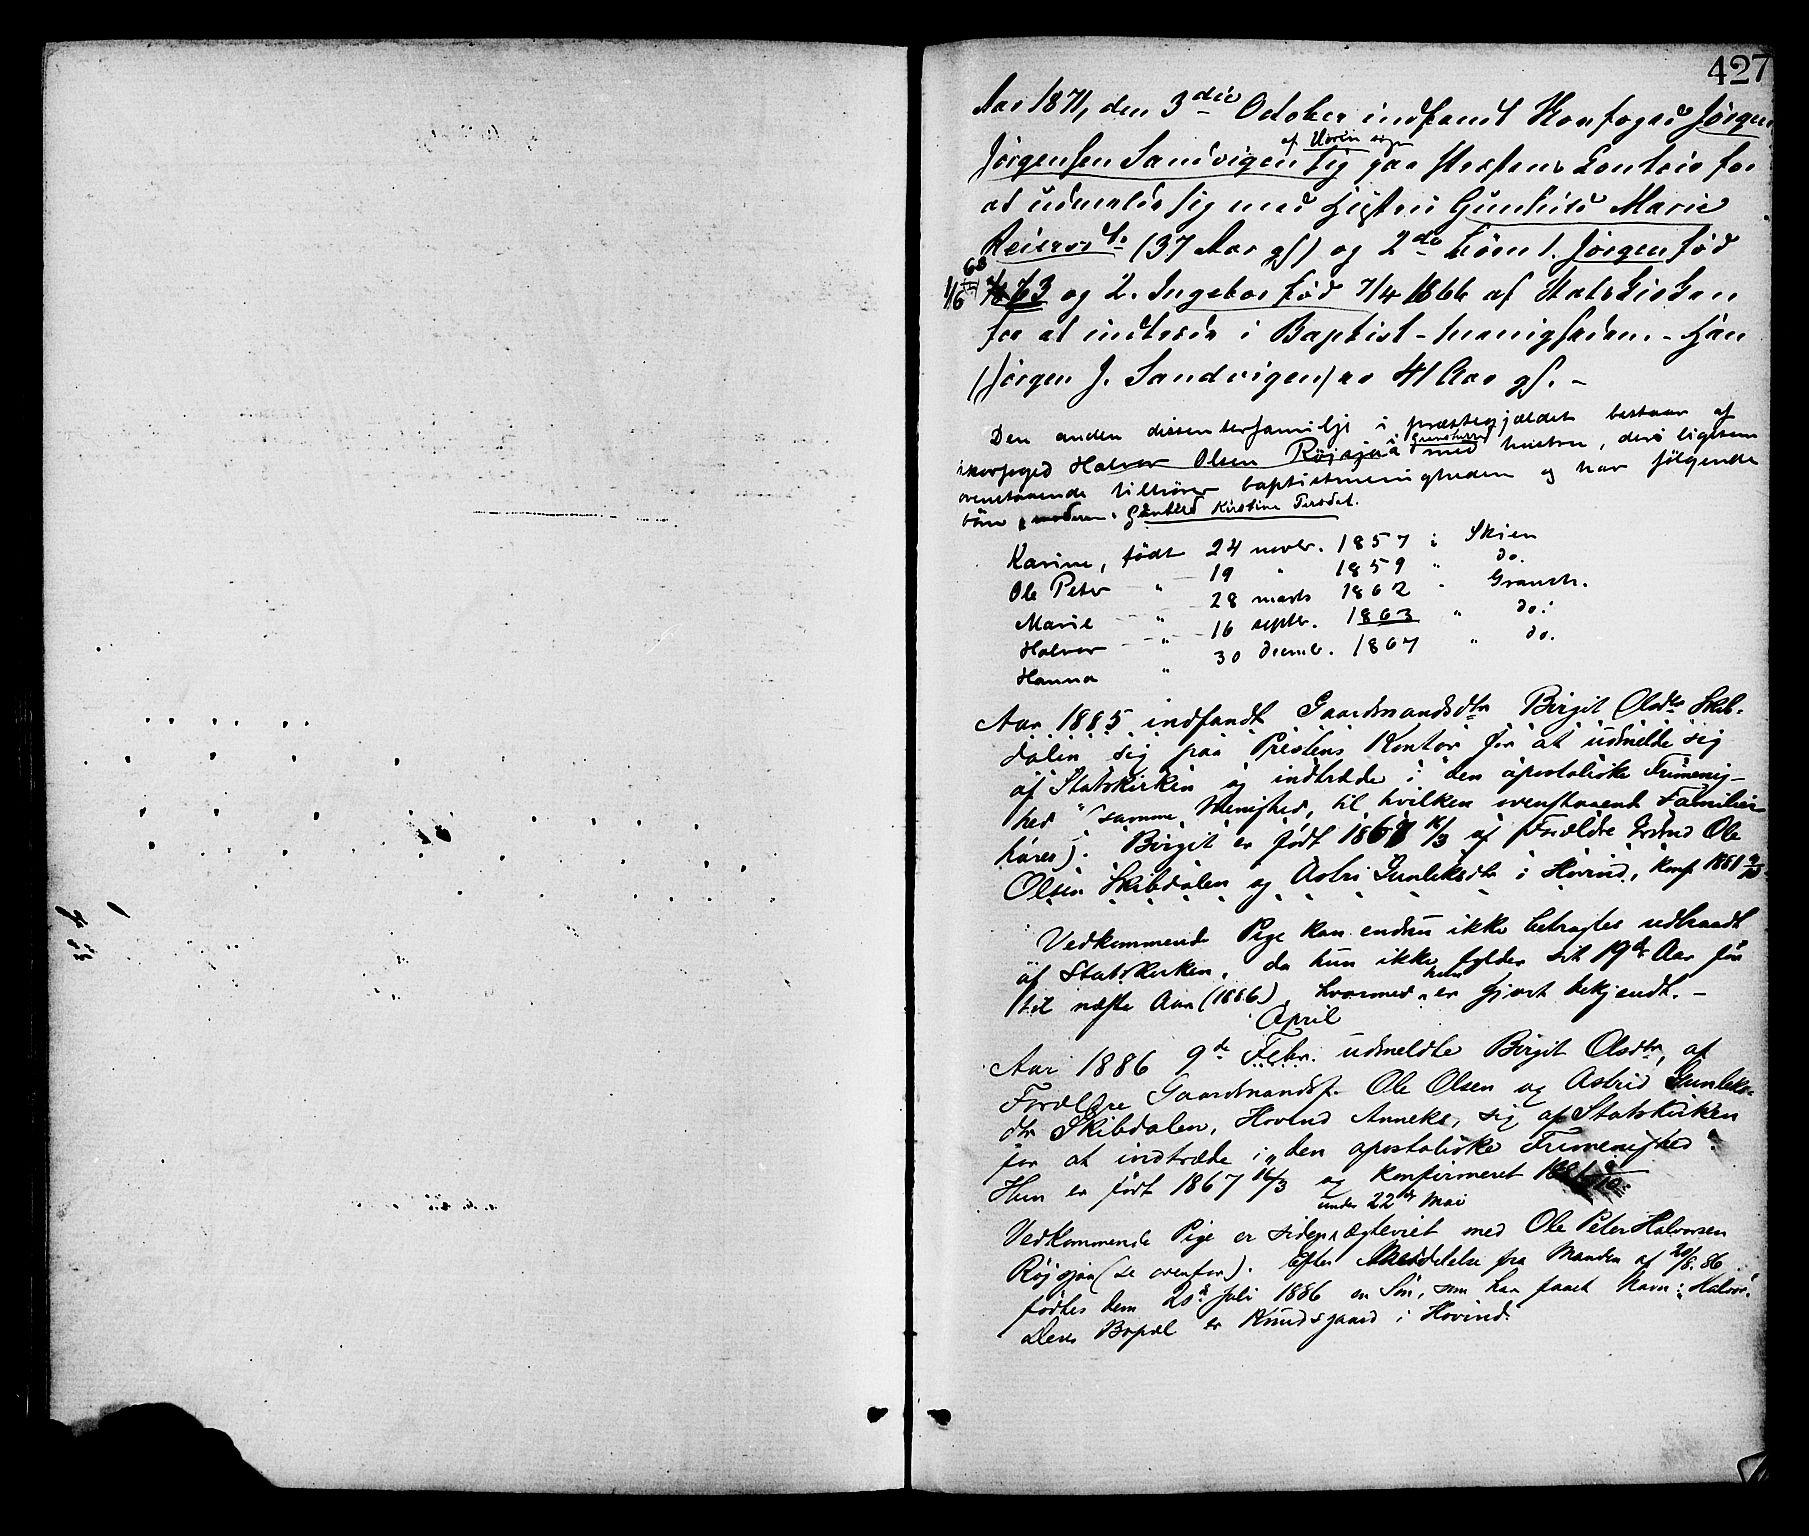 SAKO, Gransherad kirkebøker, F/Fa/L0004: Ministerialbok nr. I 4, 1871-1886, s. 427